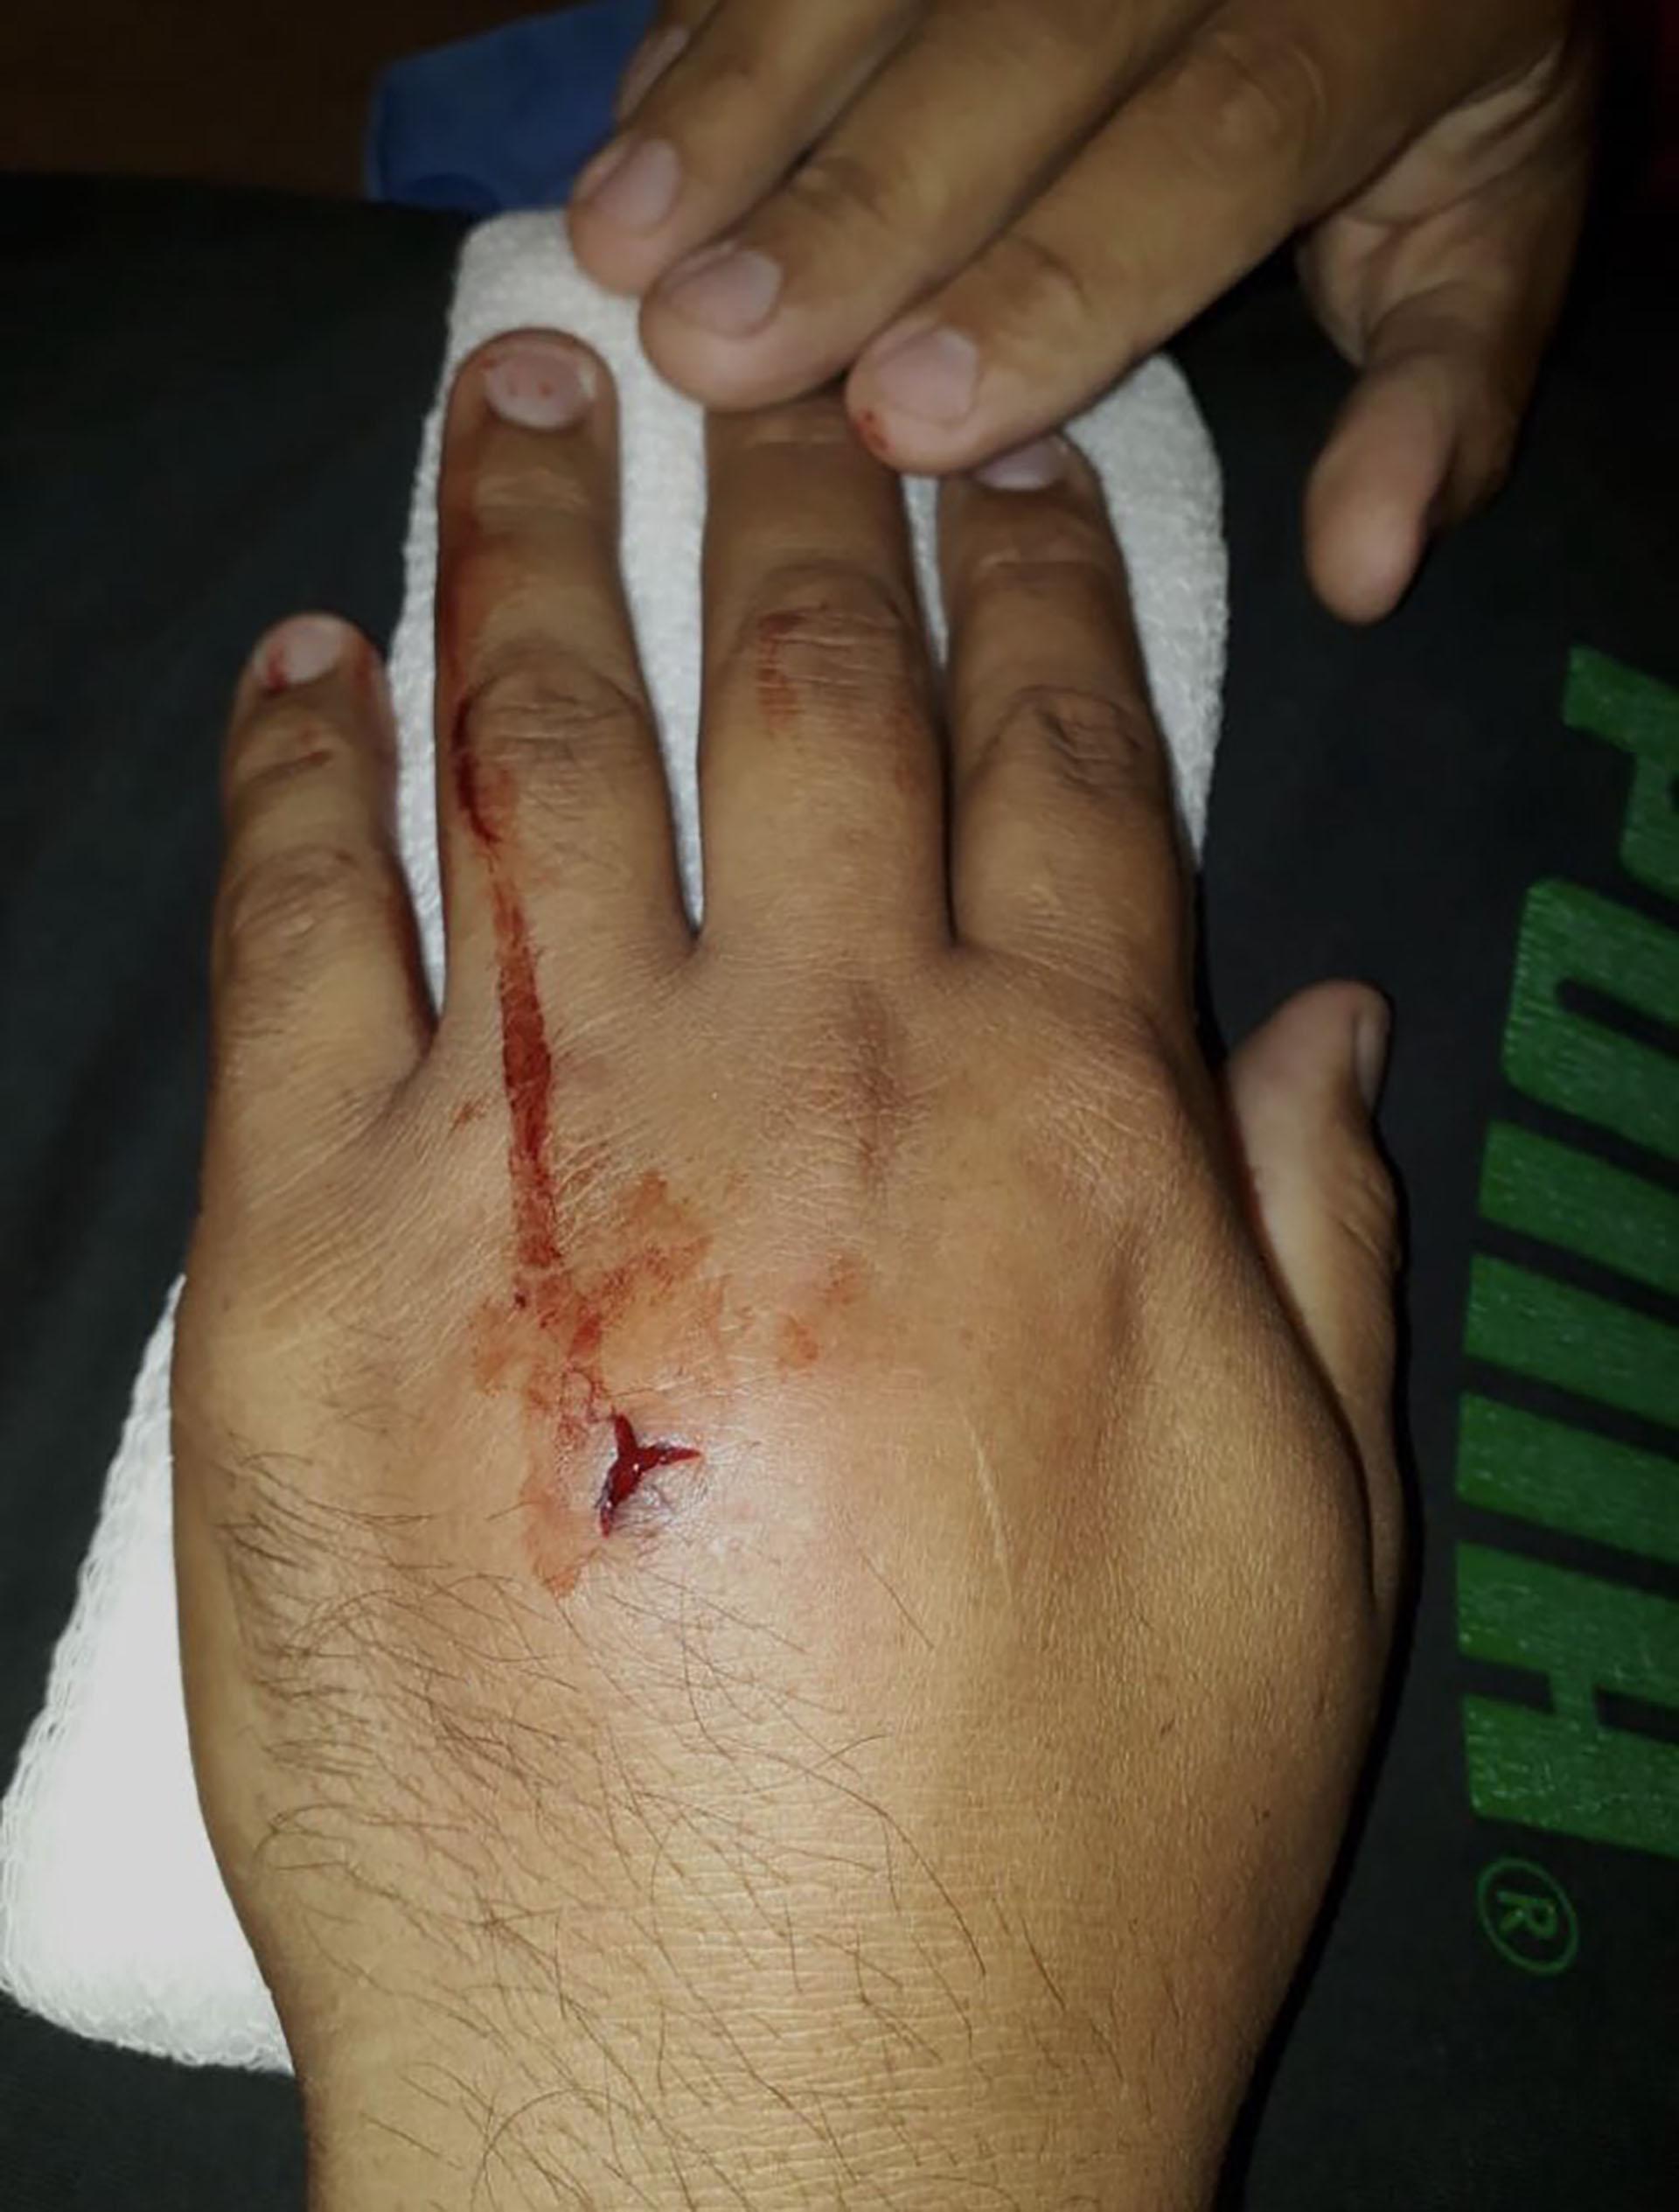 La víctima recibió una herida de bala en la mano y está fuera de peligro. (Twitter: @exprimidores)